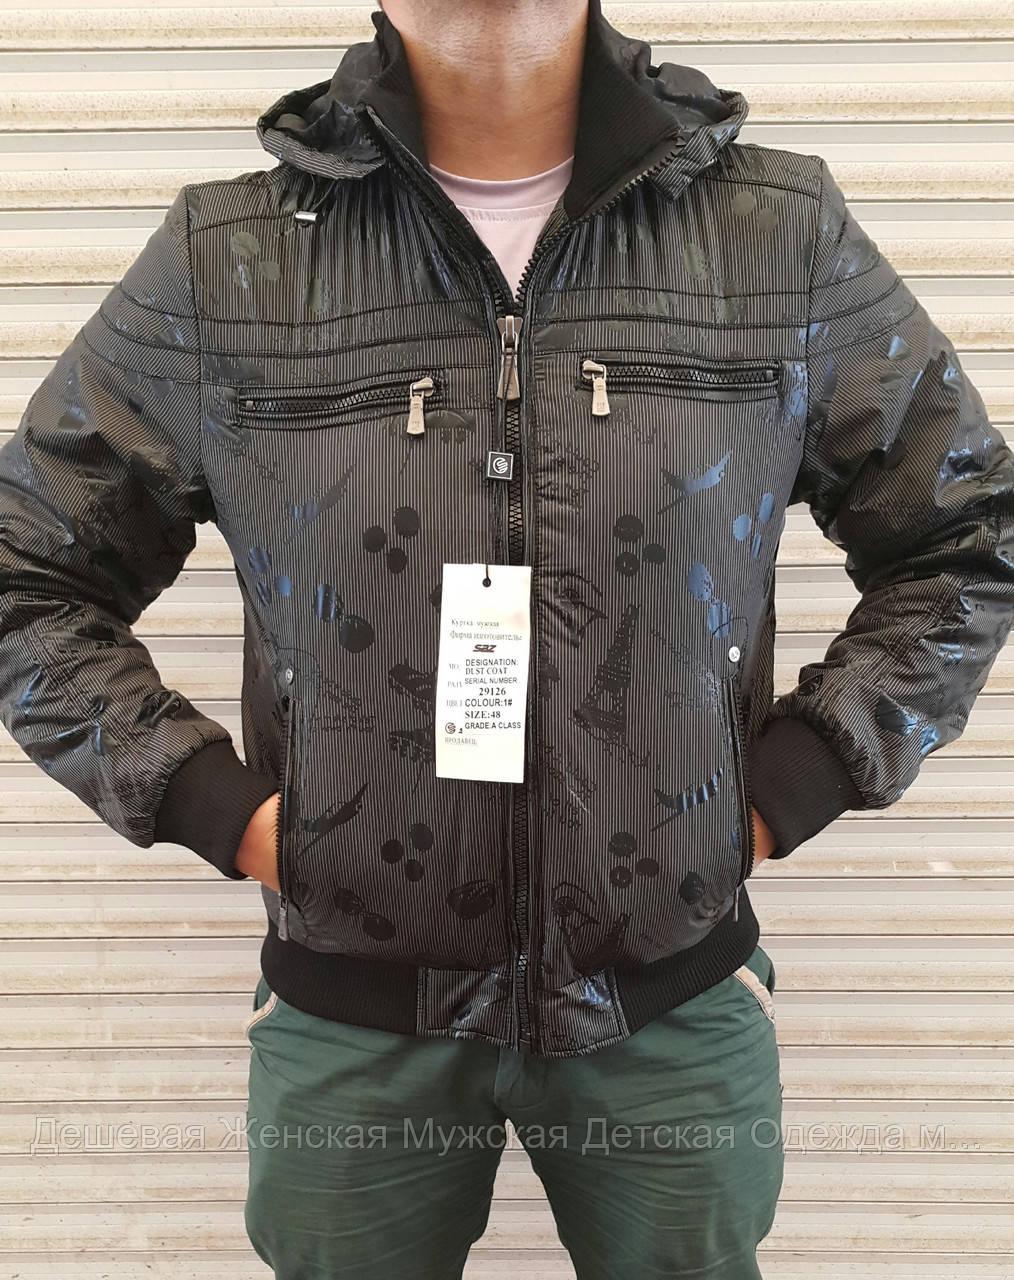 Куртка мужская синтепон осень SAZ к-во Ограничено